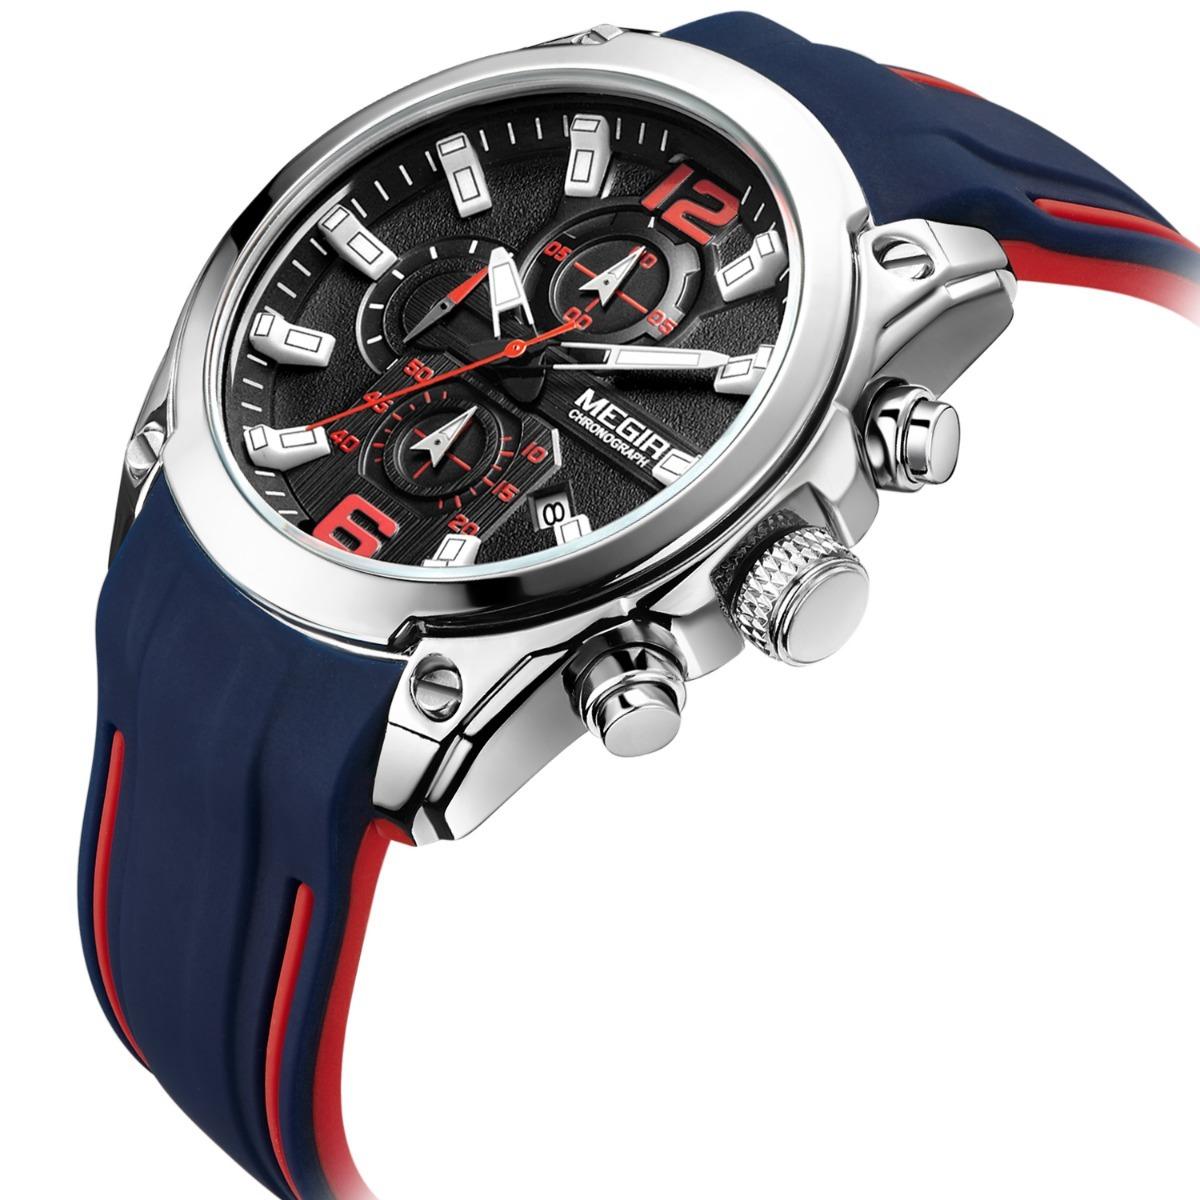 cd2e7658c70a Reloj Para Hombre Megir Original Con Cronografo 2063g -   749.00 en ...